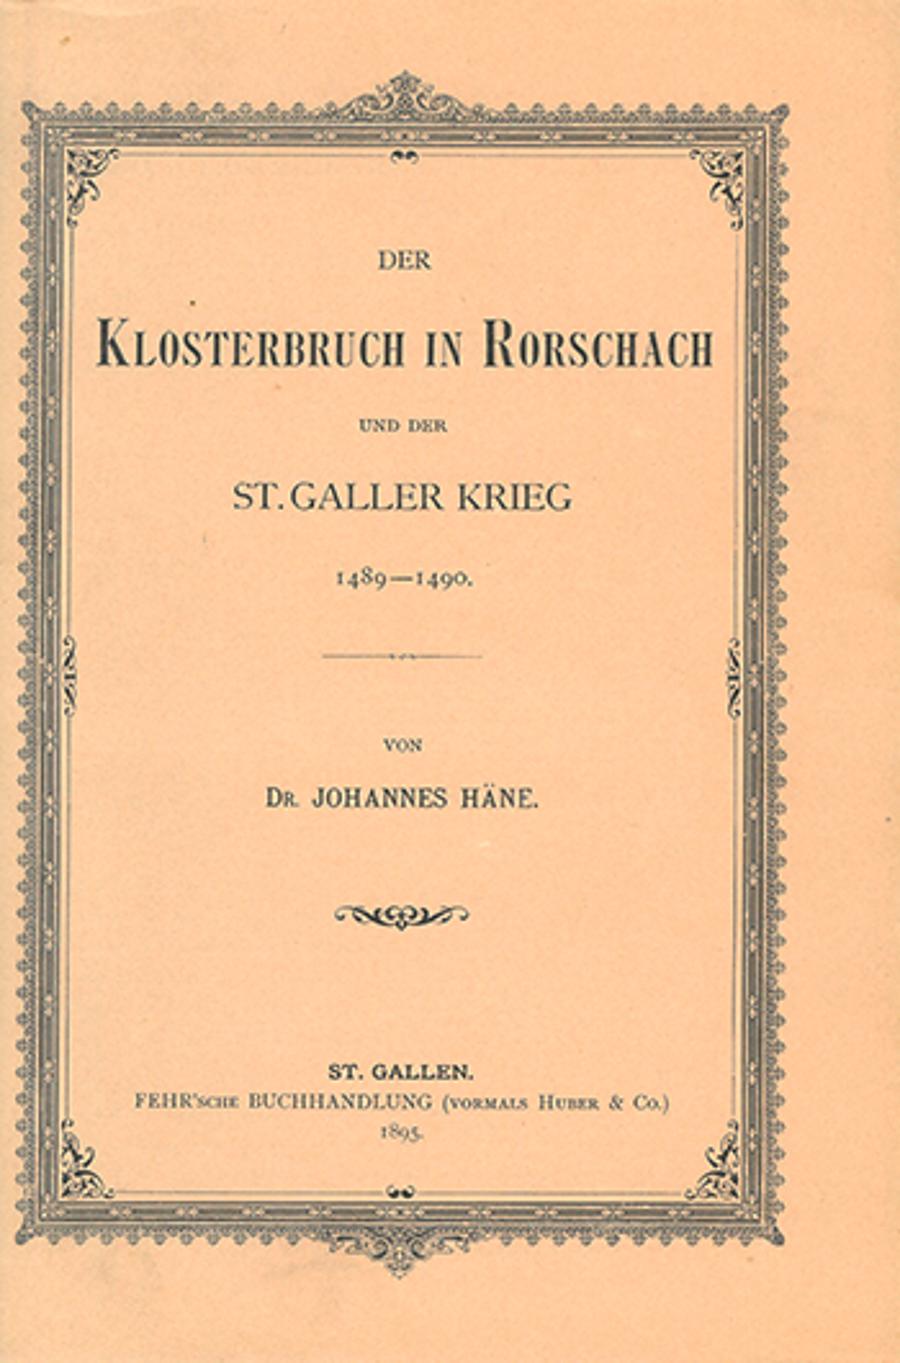 Der Klosterbruch in Rorschach  <p><p>und der St. Galler Krieg 1489-1490.